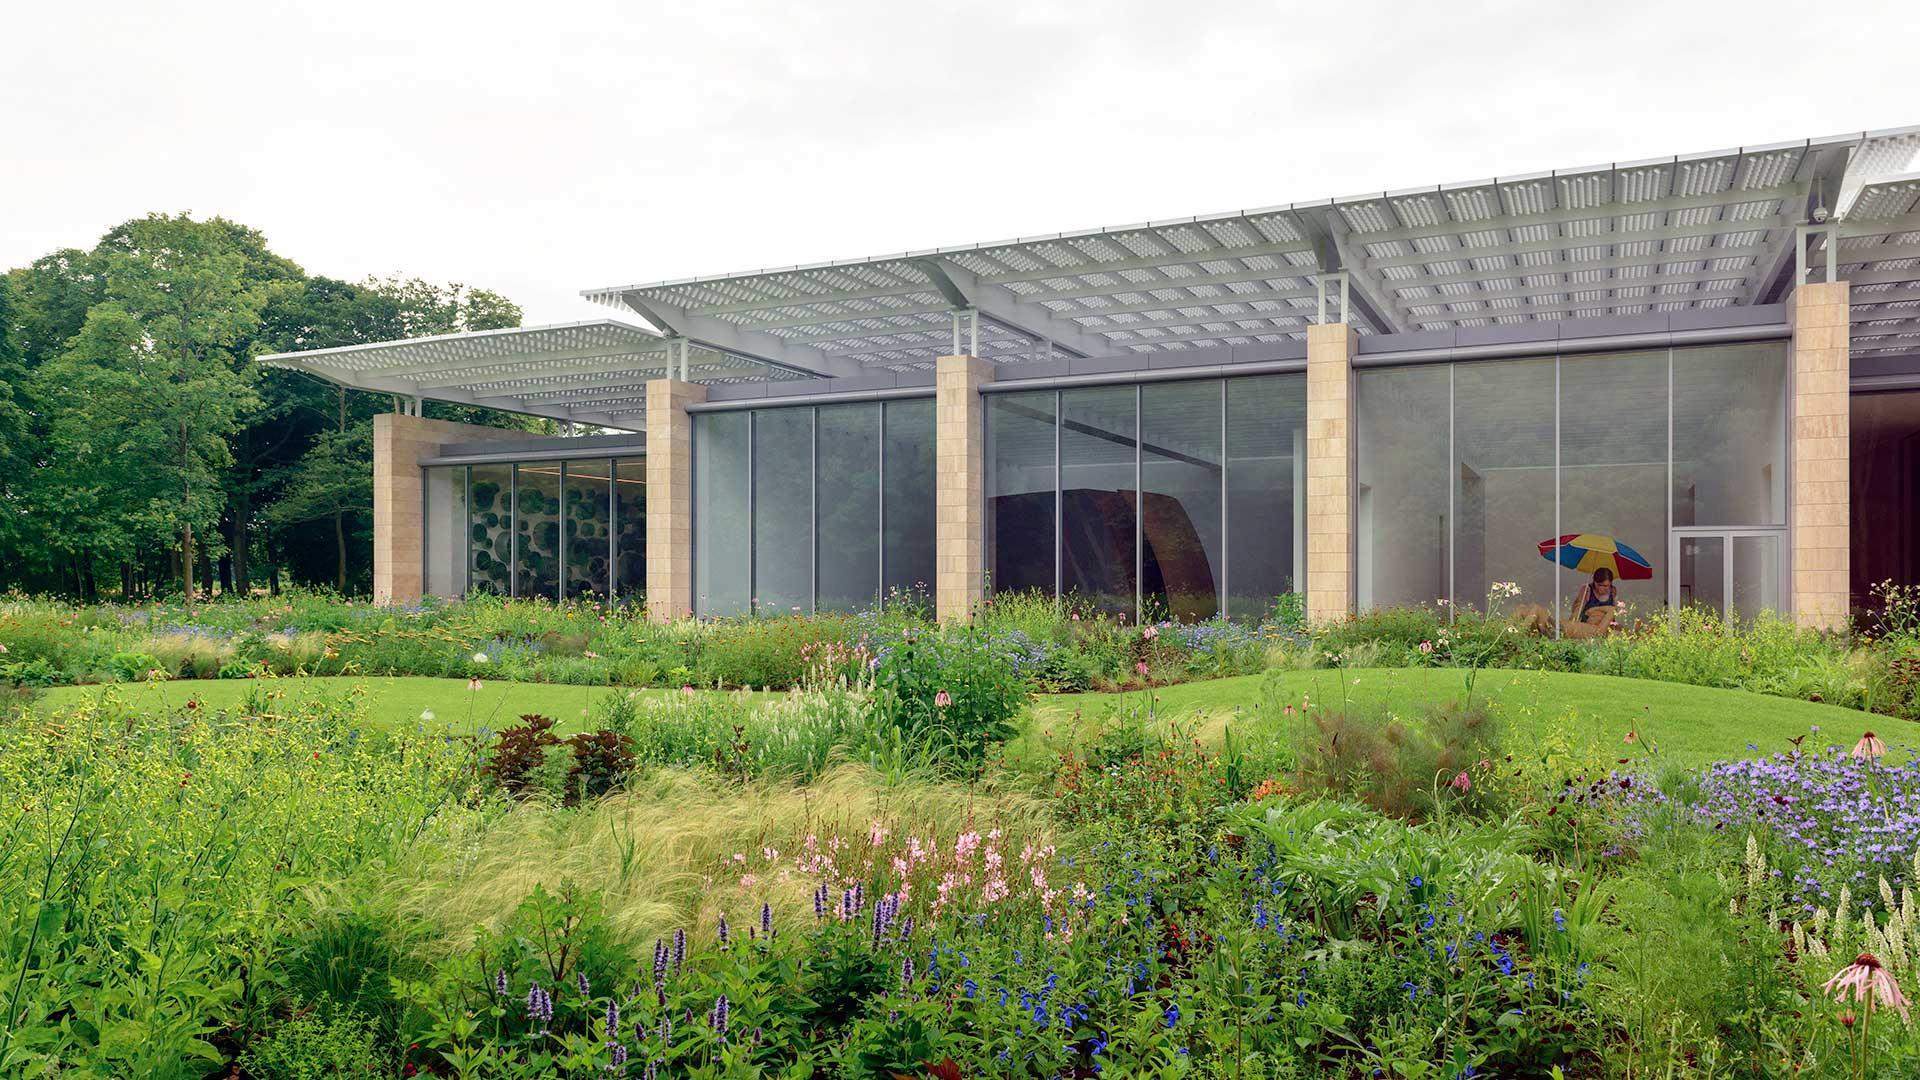 The Voorlinden Museum in Wassenaar,Netherlands